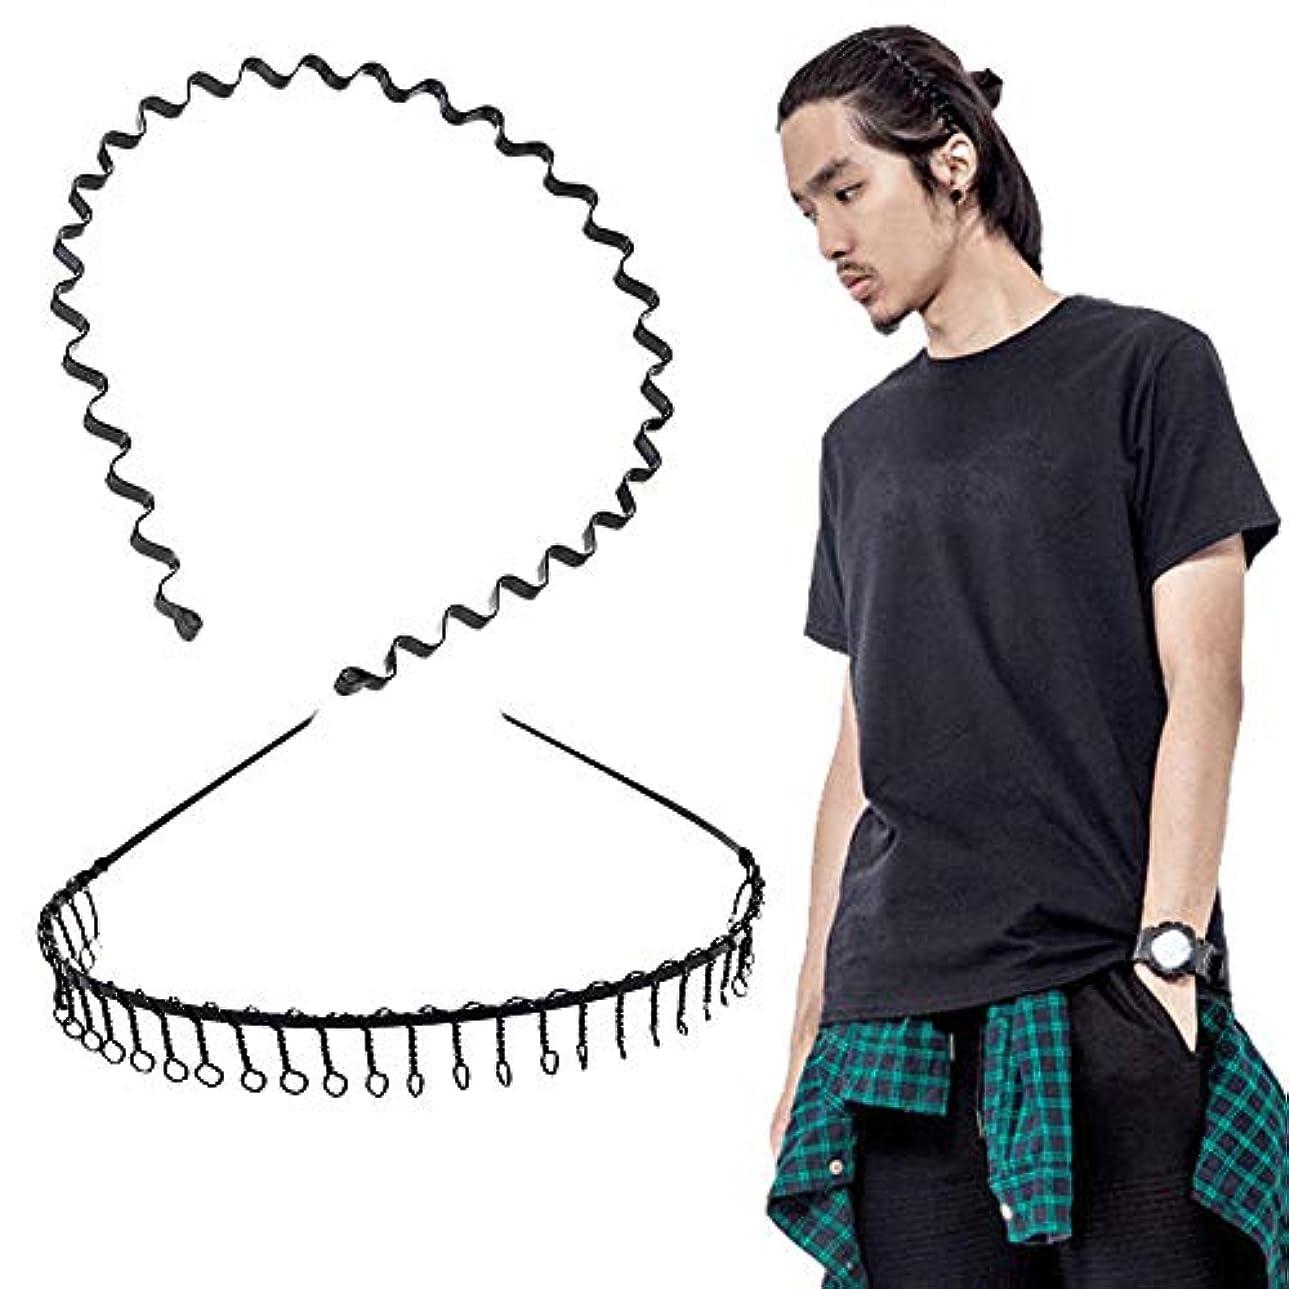 寝室ラベンダー吸い込むshefun メンズ カチューシャ スプリング ヘアバンド 鉄 波型 くし付き 滑り止め 痛くない 黒 シンプル 前髪 髪飾り 2本セット JP159